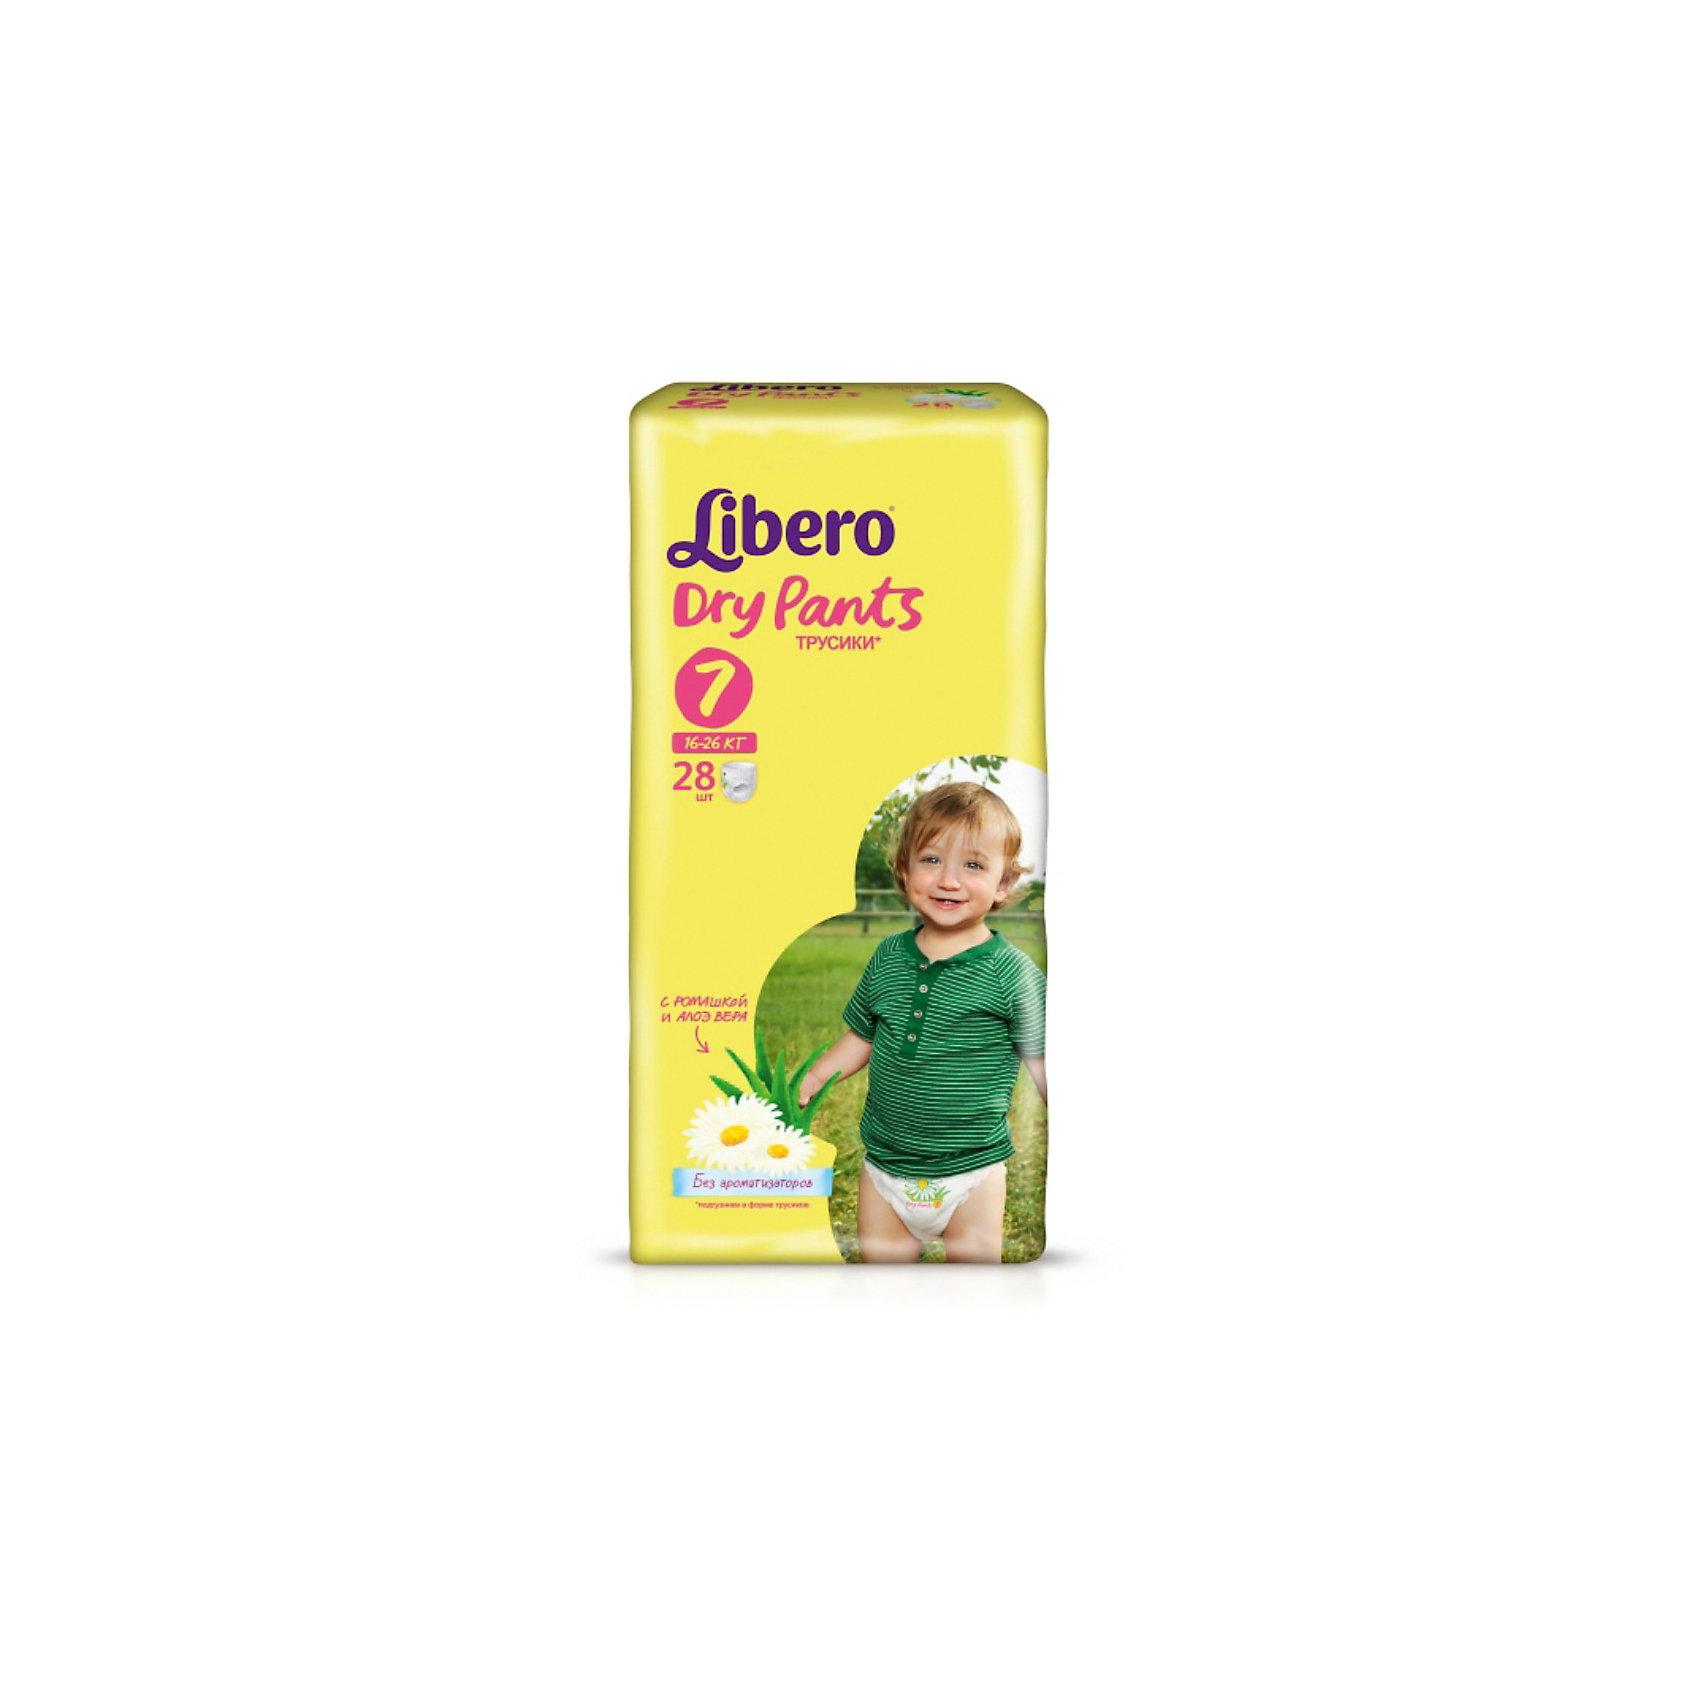 Трусики Libero Dry Pants, XL Plus 16-26 кг, 28 шт.Трусики-подгузники<br>Трусики-подгузники Libero Dry Pants (Либеро Драй Пентс) Size 7 (16-26кг), 28 шт.<br><br>Характеристики: <br><br>• легко надевать<br>• мягкие и тонкие трусики<br>• отлично впитывают и удерживают влагу<br>• содержат экстракт ромашки<br>• тянущийся поясок из дышащих материалов<br>• барьеры вокруг ножек защищают от протекания<br>• не сковывают движений<br>• легко снимать и сворачивать<br>• размер: 7 (16-26 кг)<br>• количество в упаковке: 28 шт.<br><br>Если ваш малыш не любит спокойно ждать пока вы его переоденете, то трусики-подгузники Libero Dry Pants станут для вас прекрасным решением. Они легко надеваются, как обычное белье и также легко снимаются при разрывании боковых швов. Трусики очень мягкие и тонкие, при этом они отлично впитывают и удерживают влагу, не стесняя движений крохи. Экстракт ромашки и алоэ успокоит нежную кожу малыша. Высокие барьеры и эластичный поясок препятствуют протеканию.  После использования вы легко сможете свернуть трусики и заклеить из специальной клейкой лентой. Яркая упаковка и привлекательный дизайн превратят процесс переодевания в веселую игру!<br><br>Трусики-подгузники Libero Dry Pants Size 7 (16-26кг), 28 шт. вы можете купить в нашем интернет-магазине.<br><br>Ширина мм: 147<br>Глубина мм: 195<br>Высота мм: 370<br>Вес г: 1220<br>Возраст от месяцев: 24<br>Возраст до месяцев: 84<br>Пол: Унисекс<br>Возраст: Детский<br>SKU: 3517635